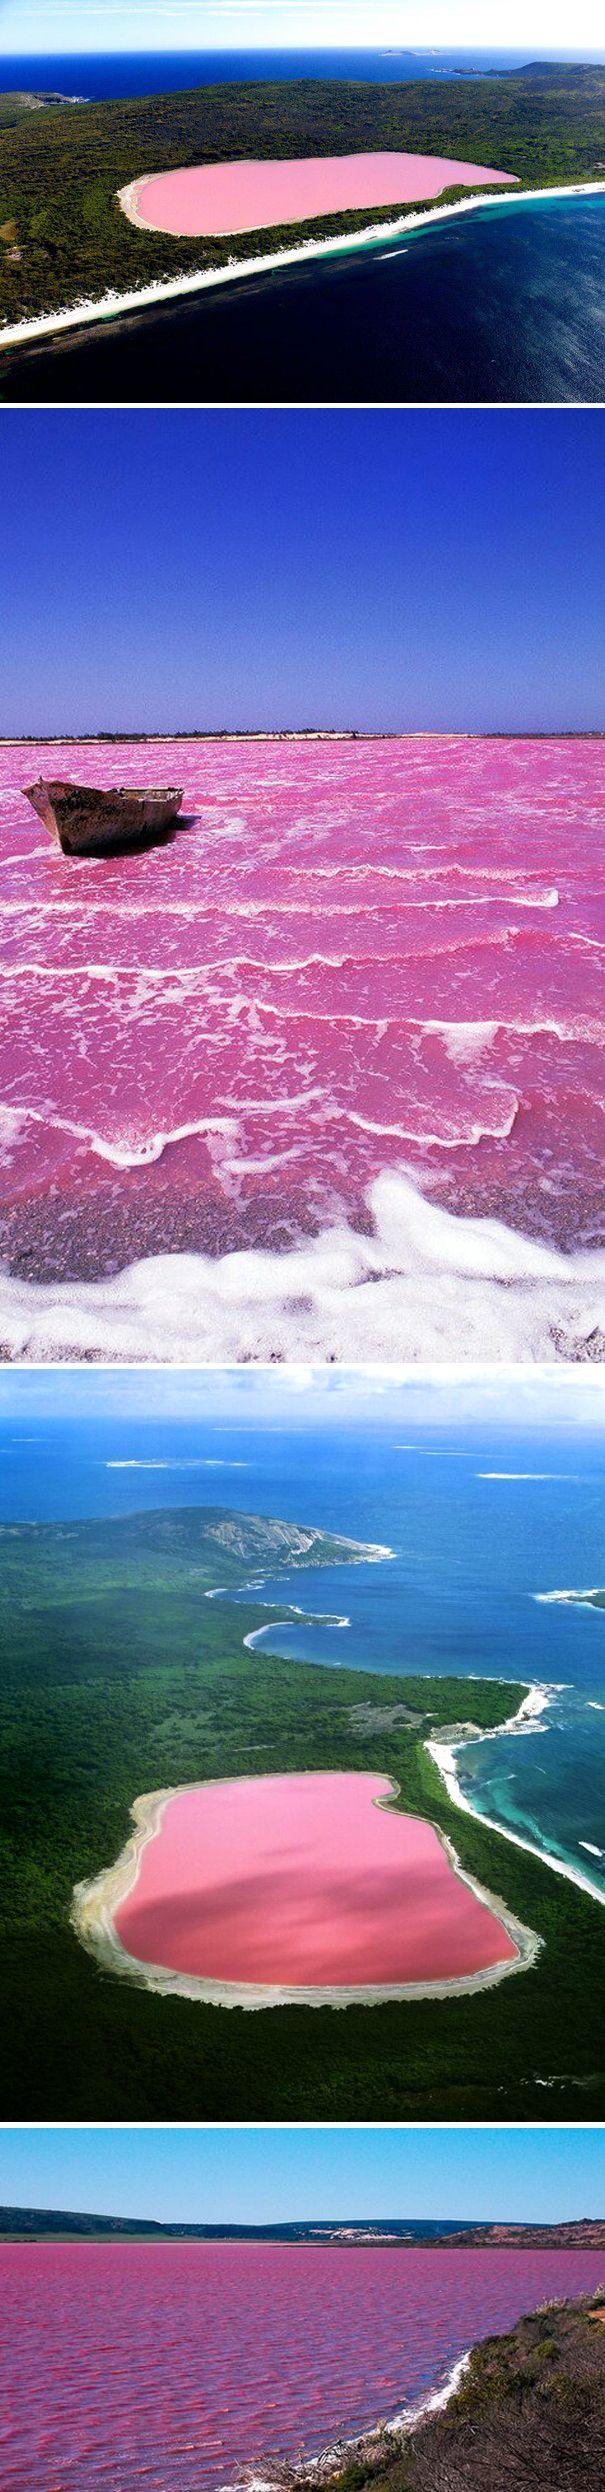 Du atemberaubende Naturschönheit: Pink Lake Hillier, Australia - ein konstant pinkfarbener See an der Südküste Middle Island, 1802 vom britischen Forschungsreisenden Matthew Flinders entdeckt - Australia Rules!